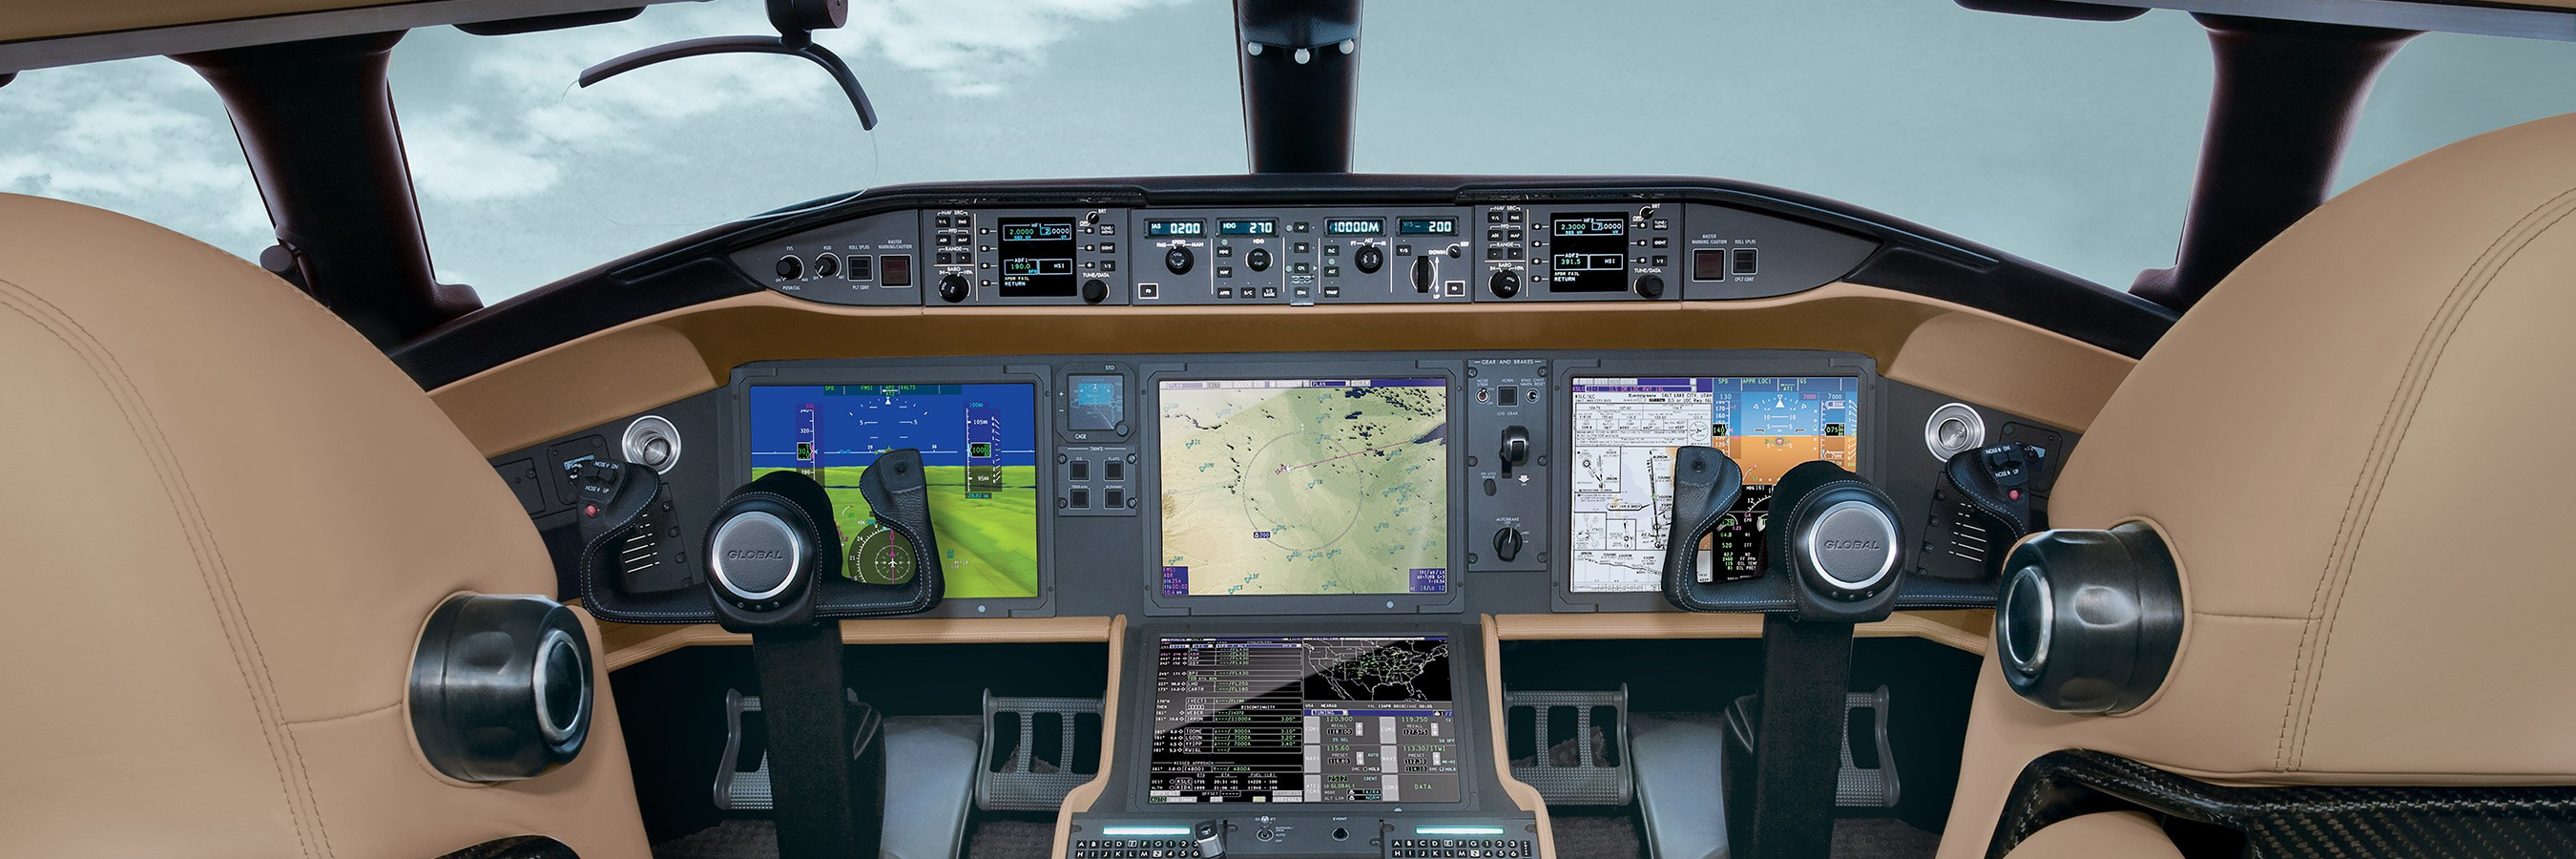 Global 5000 Cockpit